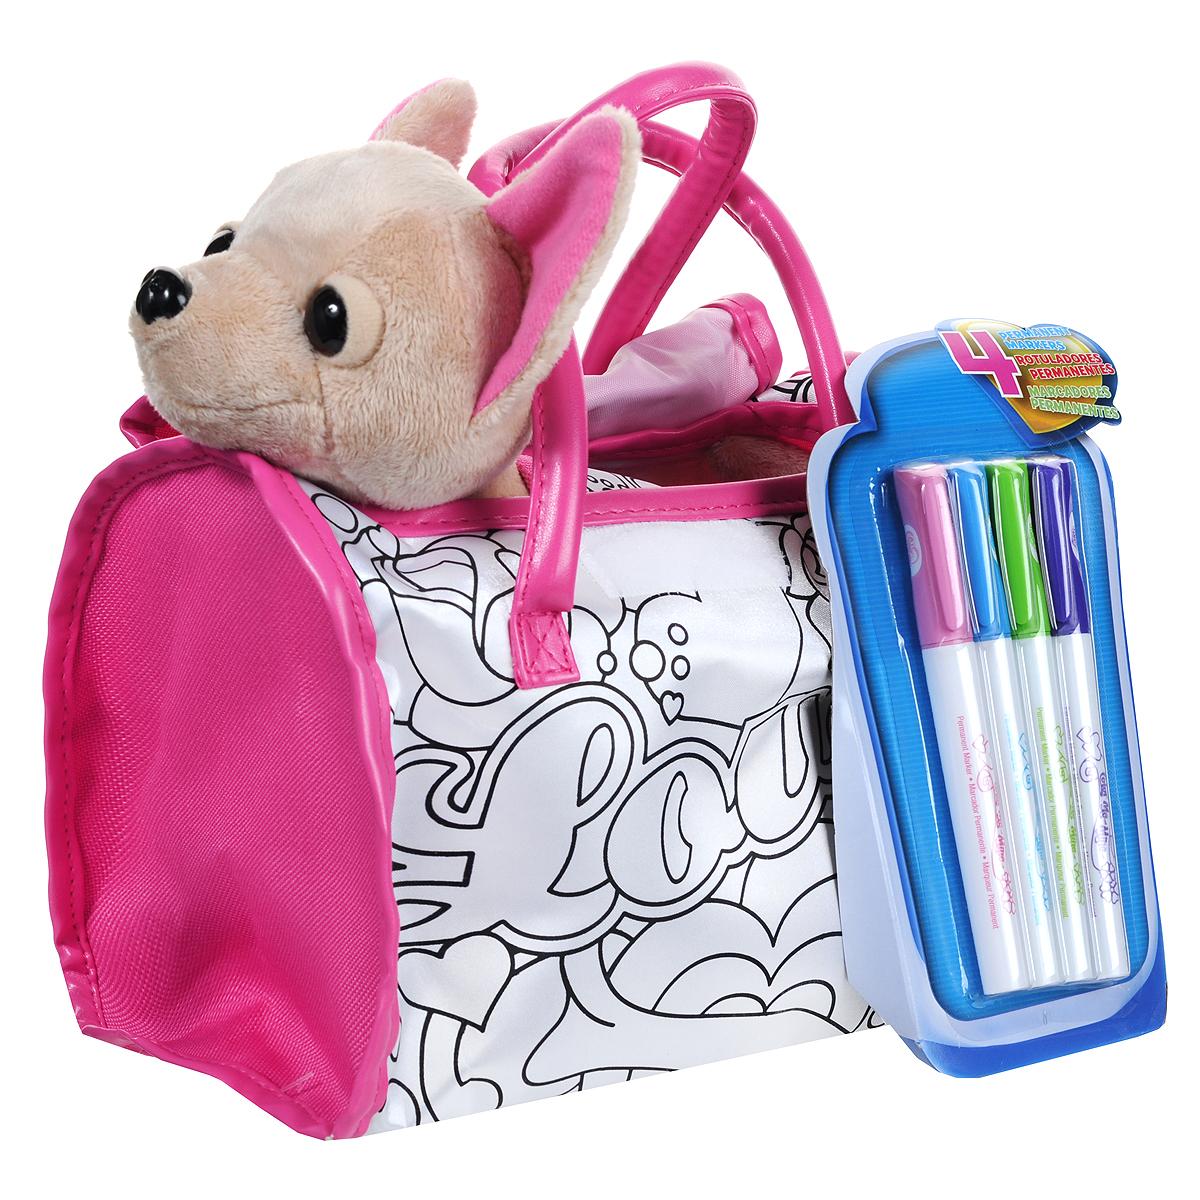 Simba Мягкая игрушка Chi Chi Love Чихуахуа, с сумкой и маркерами, 20 см5895299Очаровательная мягкая игрушка Chi Chi Love Чихуахуа, выполненная в виде симпатичной собачки, непременно понравится маленьким модницам. На собачке песочного цвета надета накидка в форме сердечка, фиксирующаяся на животике с помощью липучки. Чудесная игрушка принесет радость и подарит своей обладательнице мгновения нежных объятий и приятных воспоминаний. Собачка изготовлена из мягкого плюша, глазки и носик пластиковые. У чихуахуа гнутся лапки. В комплект с игрушкой входит стильная сумочка с надписью Love и четыре перманентных маркера фиолетового, салатового, голубого и розового цветов. С помощью маркеров ваша малышка сможет раскрасить накидку и сумочку, создав неповторимый дизайн. Порадуйте свою малышку таким замечательным подарком, и он подчеркнет ее образ городской модницы!